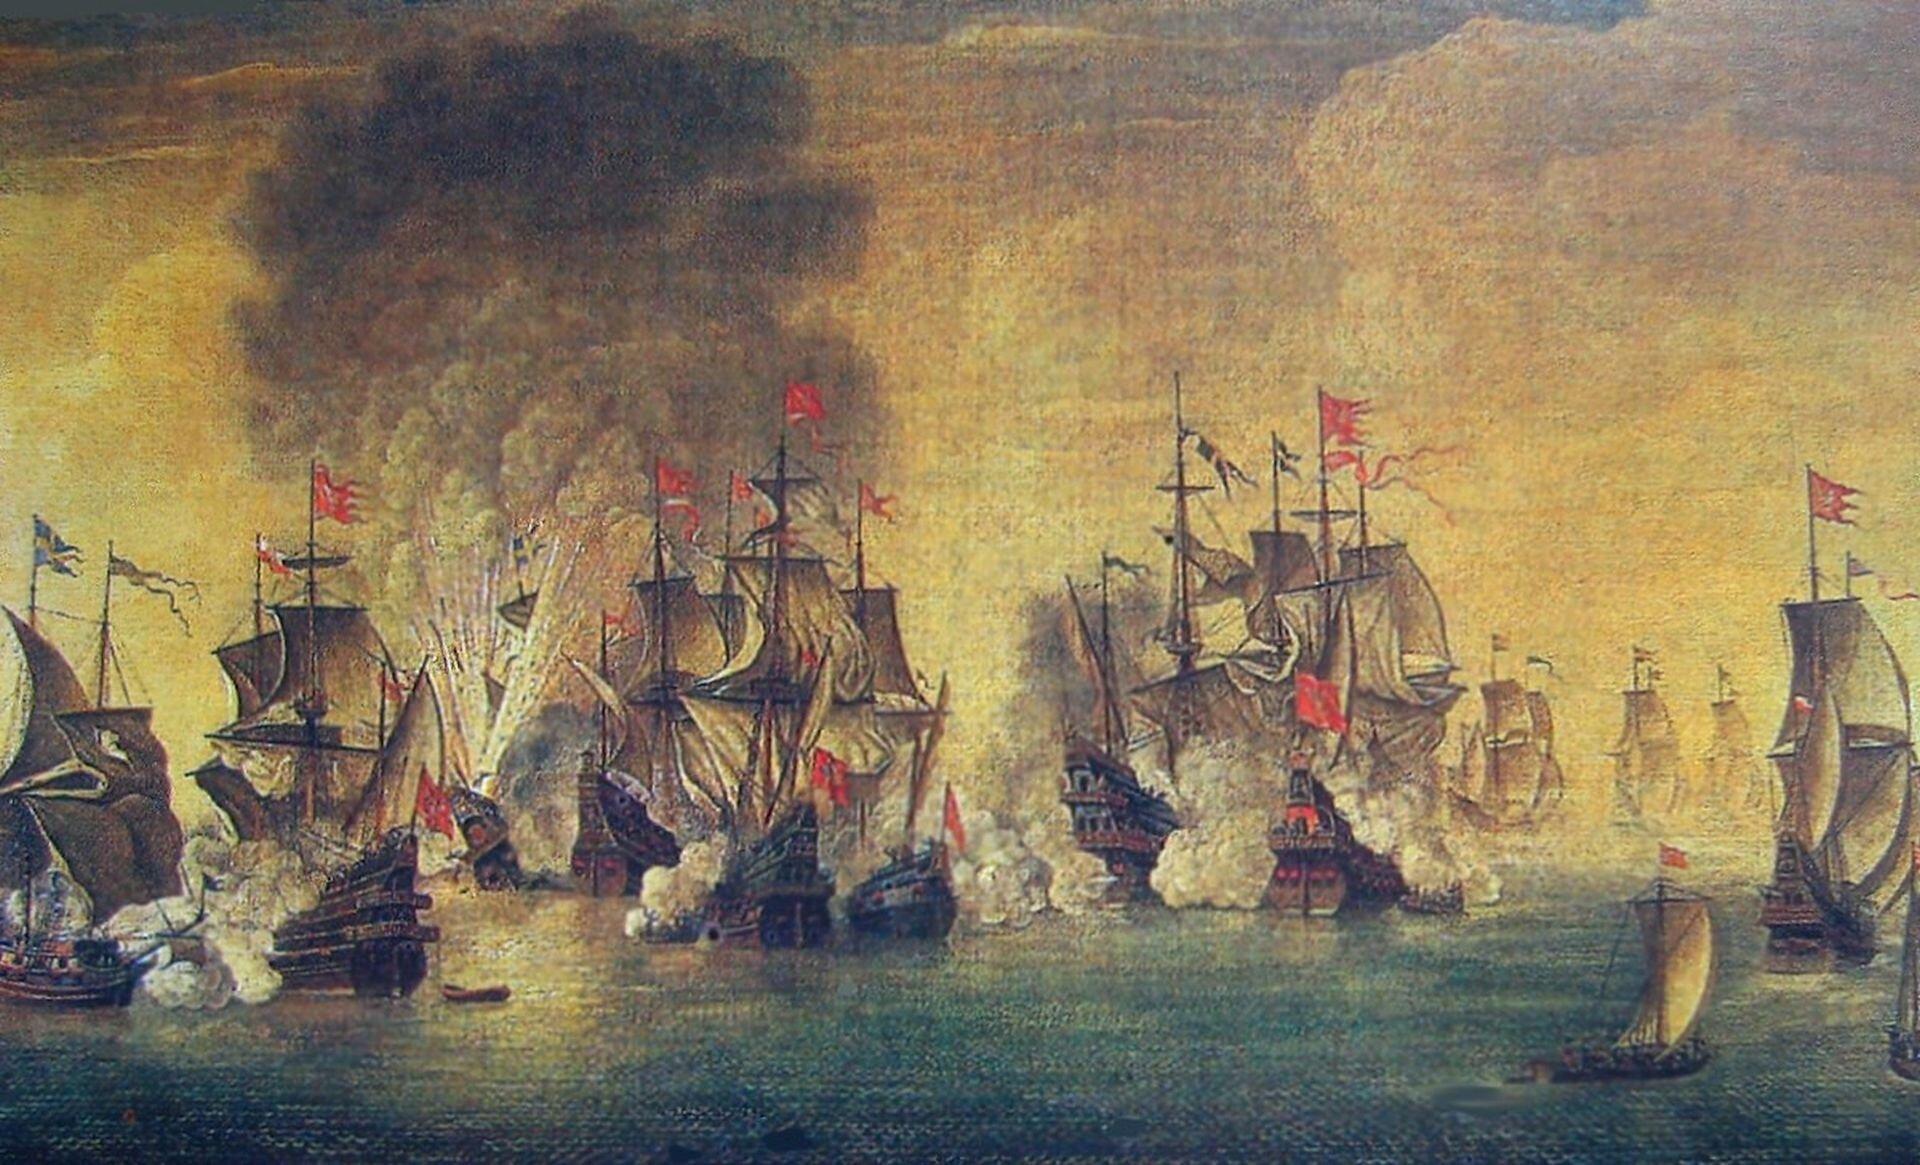 """Ilustracja ukazuje obraz Stefana Płużańskiego """"Bitwa pod Oliwą"""" z1847 roku. Przedstawia walkę morską wzatoce. Nad statkami unosi się dym zdział oraz dramatycznego pożaru na okręcie. Kolorystyka jest ciemna. Morze jest zielone, odbija się wnim złotawe niebo. We mgle na dalekim planie nikną płynące statki. Linia horyzontu zlewa się zniebem."""